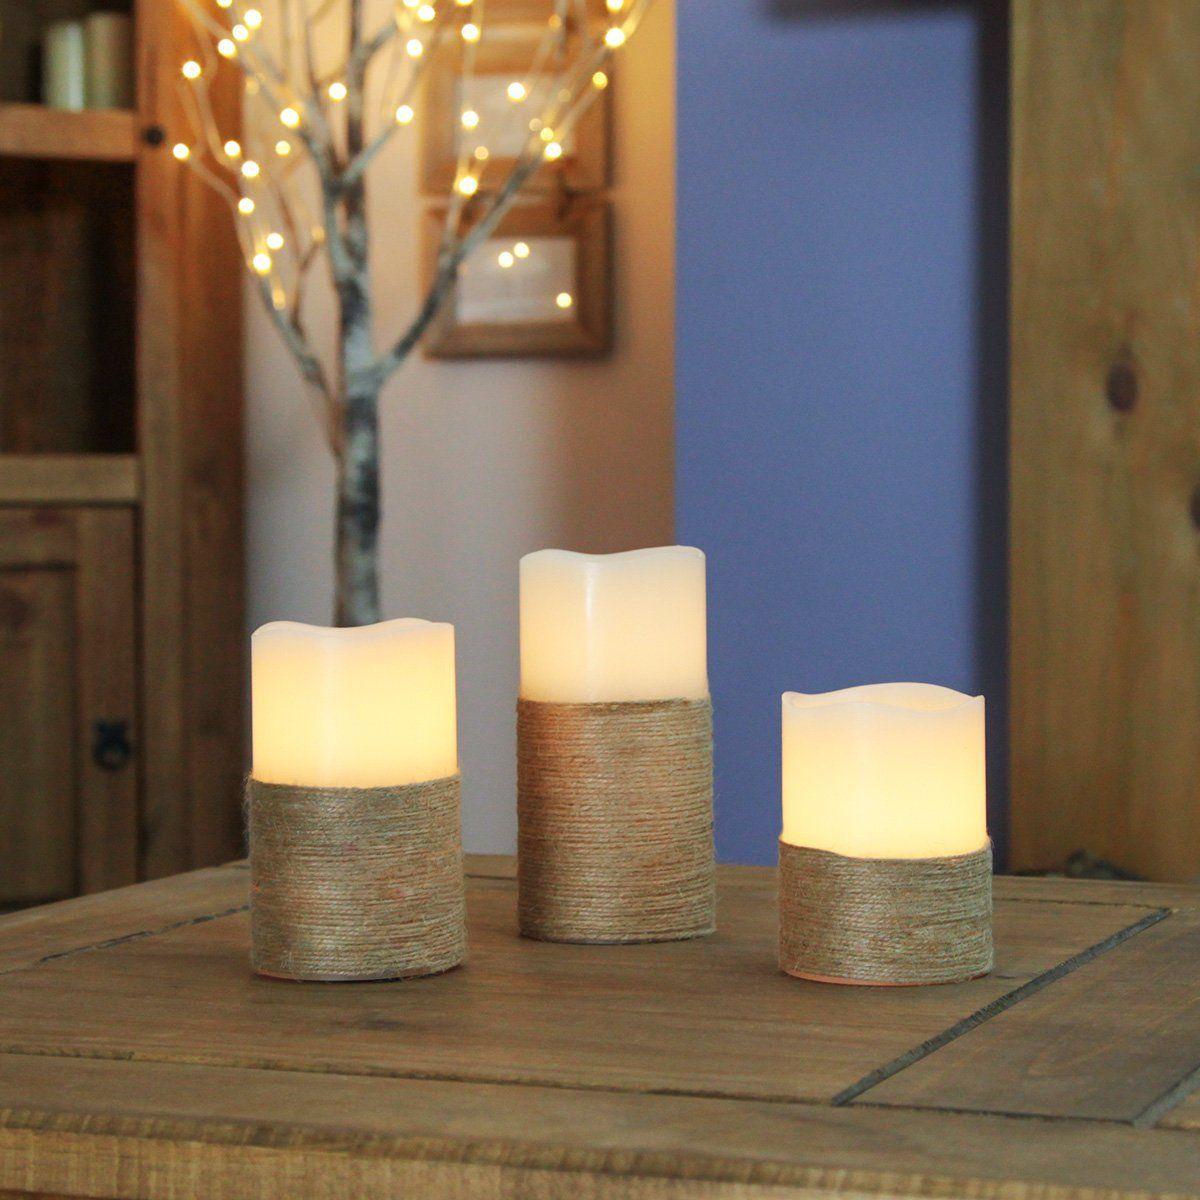 3 Led Echtwachs Flacker Kerzen Mit Seil Rustikaler Look Batteriebetrieben Von Festive Lights Led Kerzen Beleuchtung